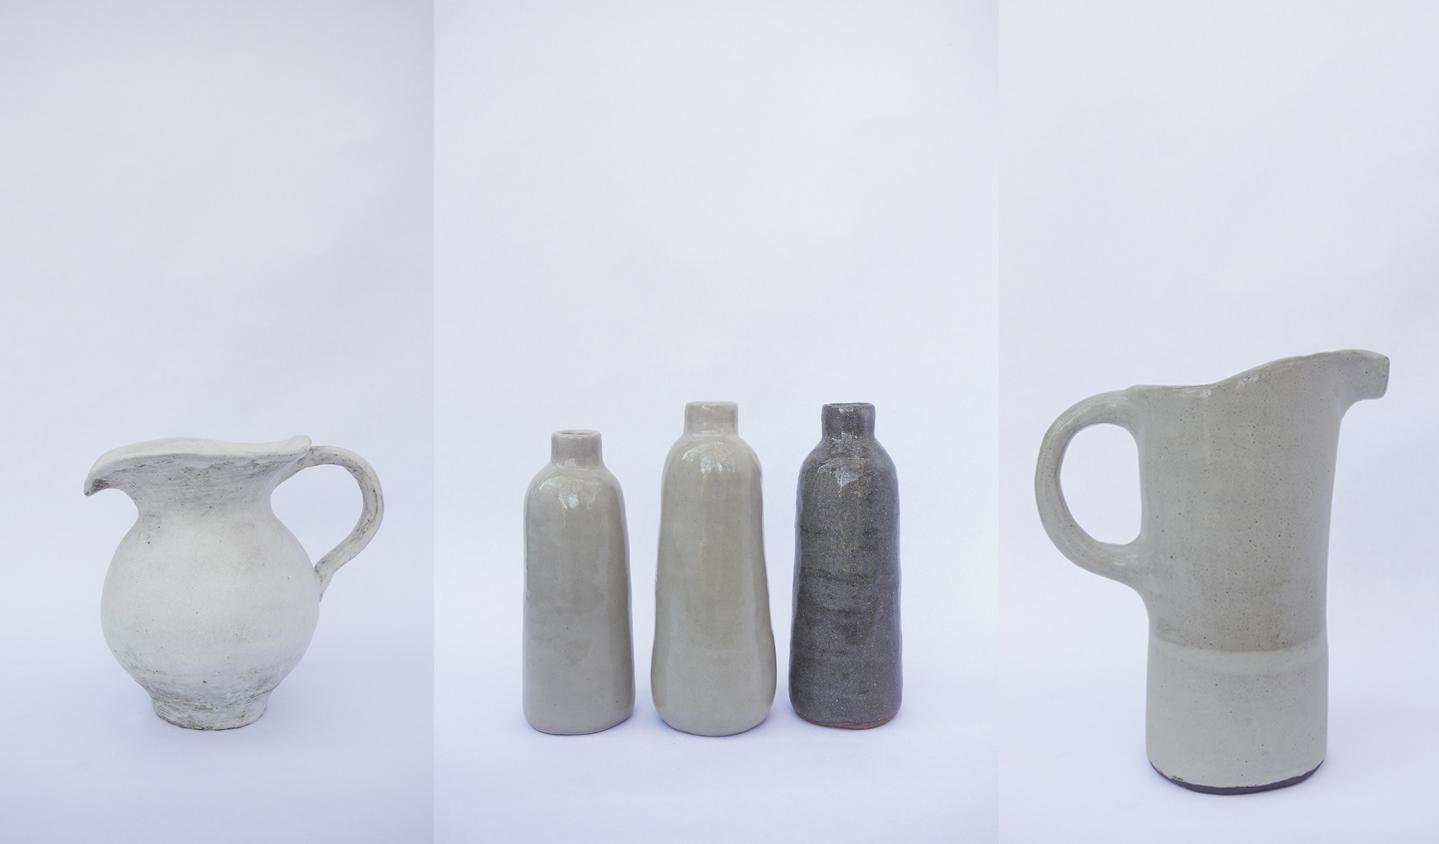 Vessels_Vases Series_for Web.jpg